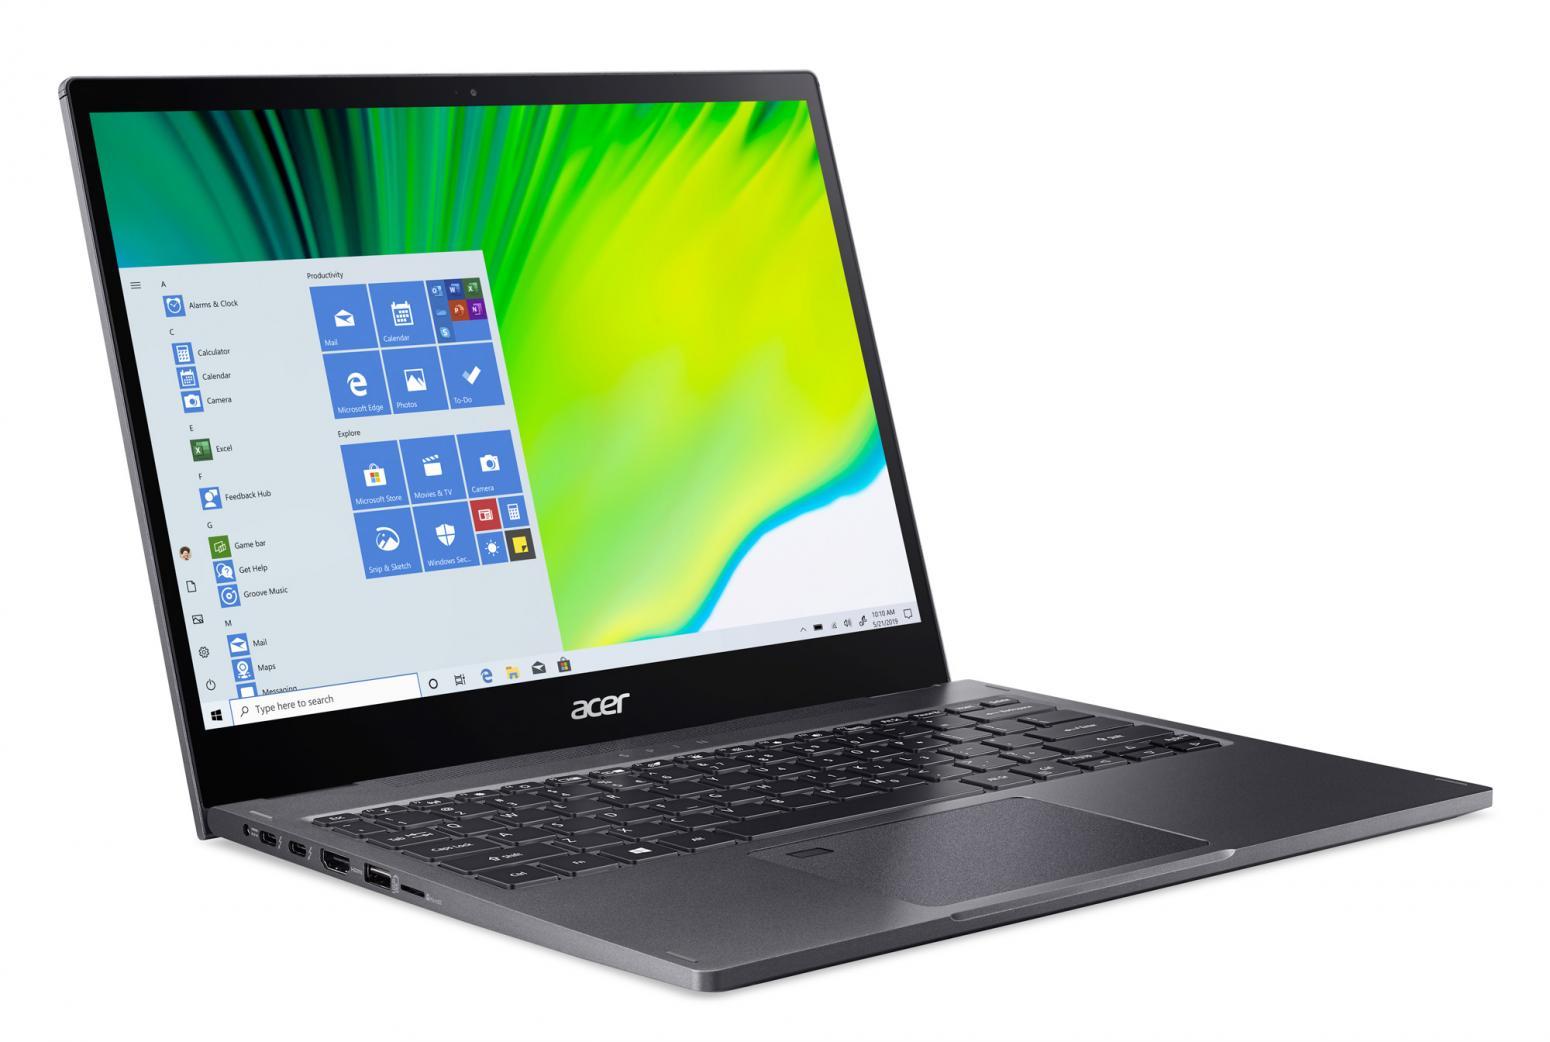 Ordinateur portable Acer Spin 5 SP513-54N-58VU Gris - QHD Tactile, Stylet - photo 3